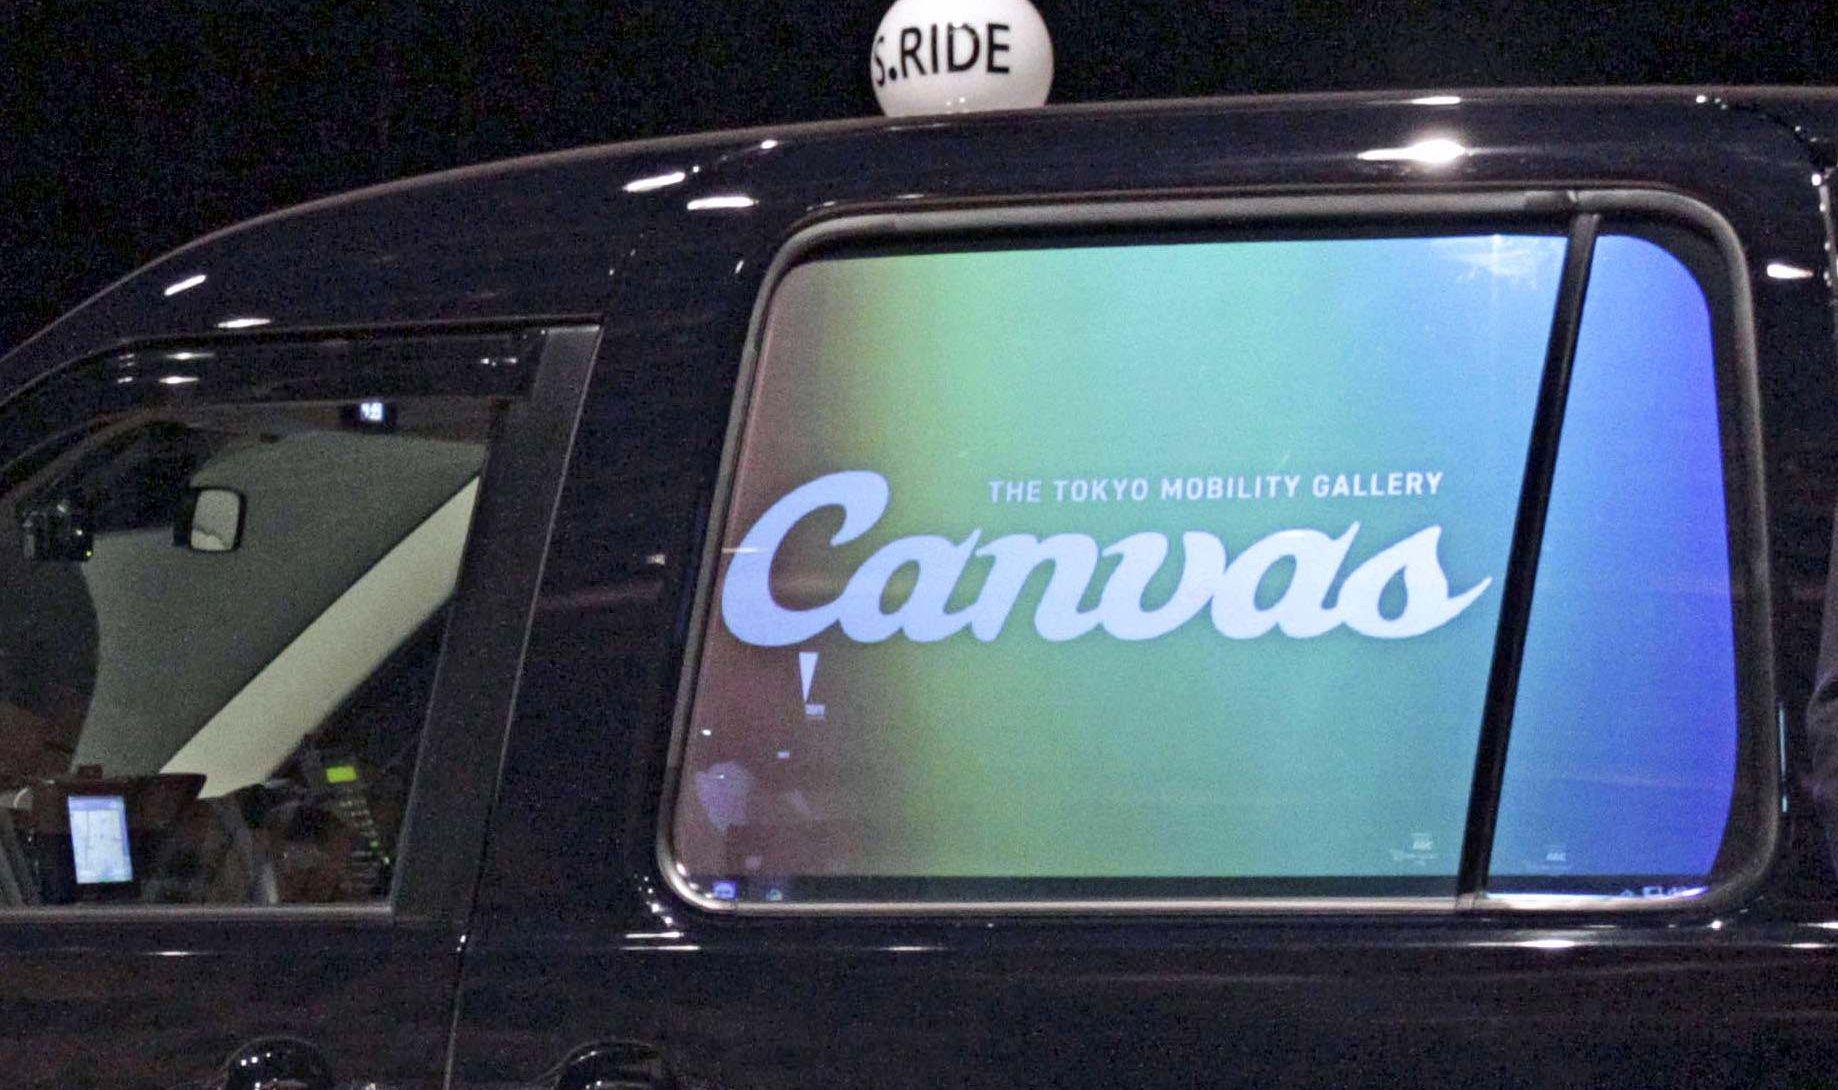 タクシー窓ガラスに広告スクリーン搭載!6月に首都圏で開始